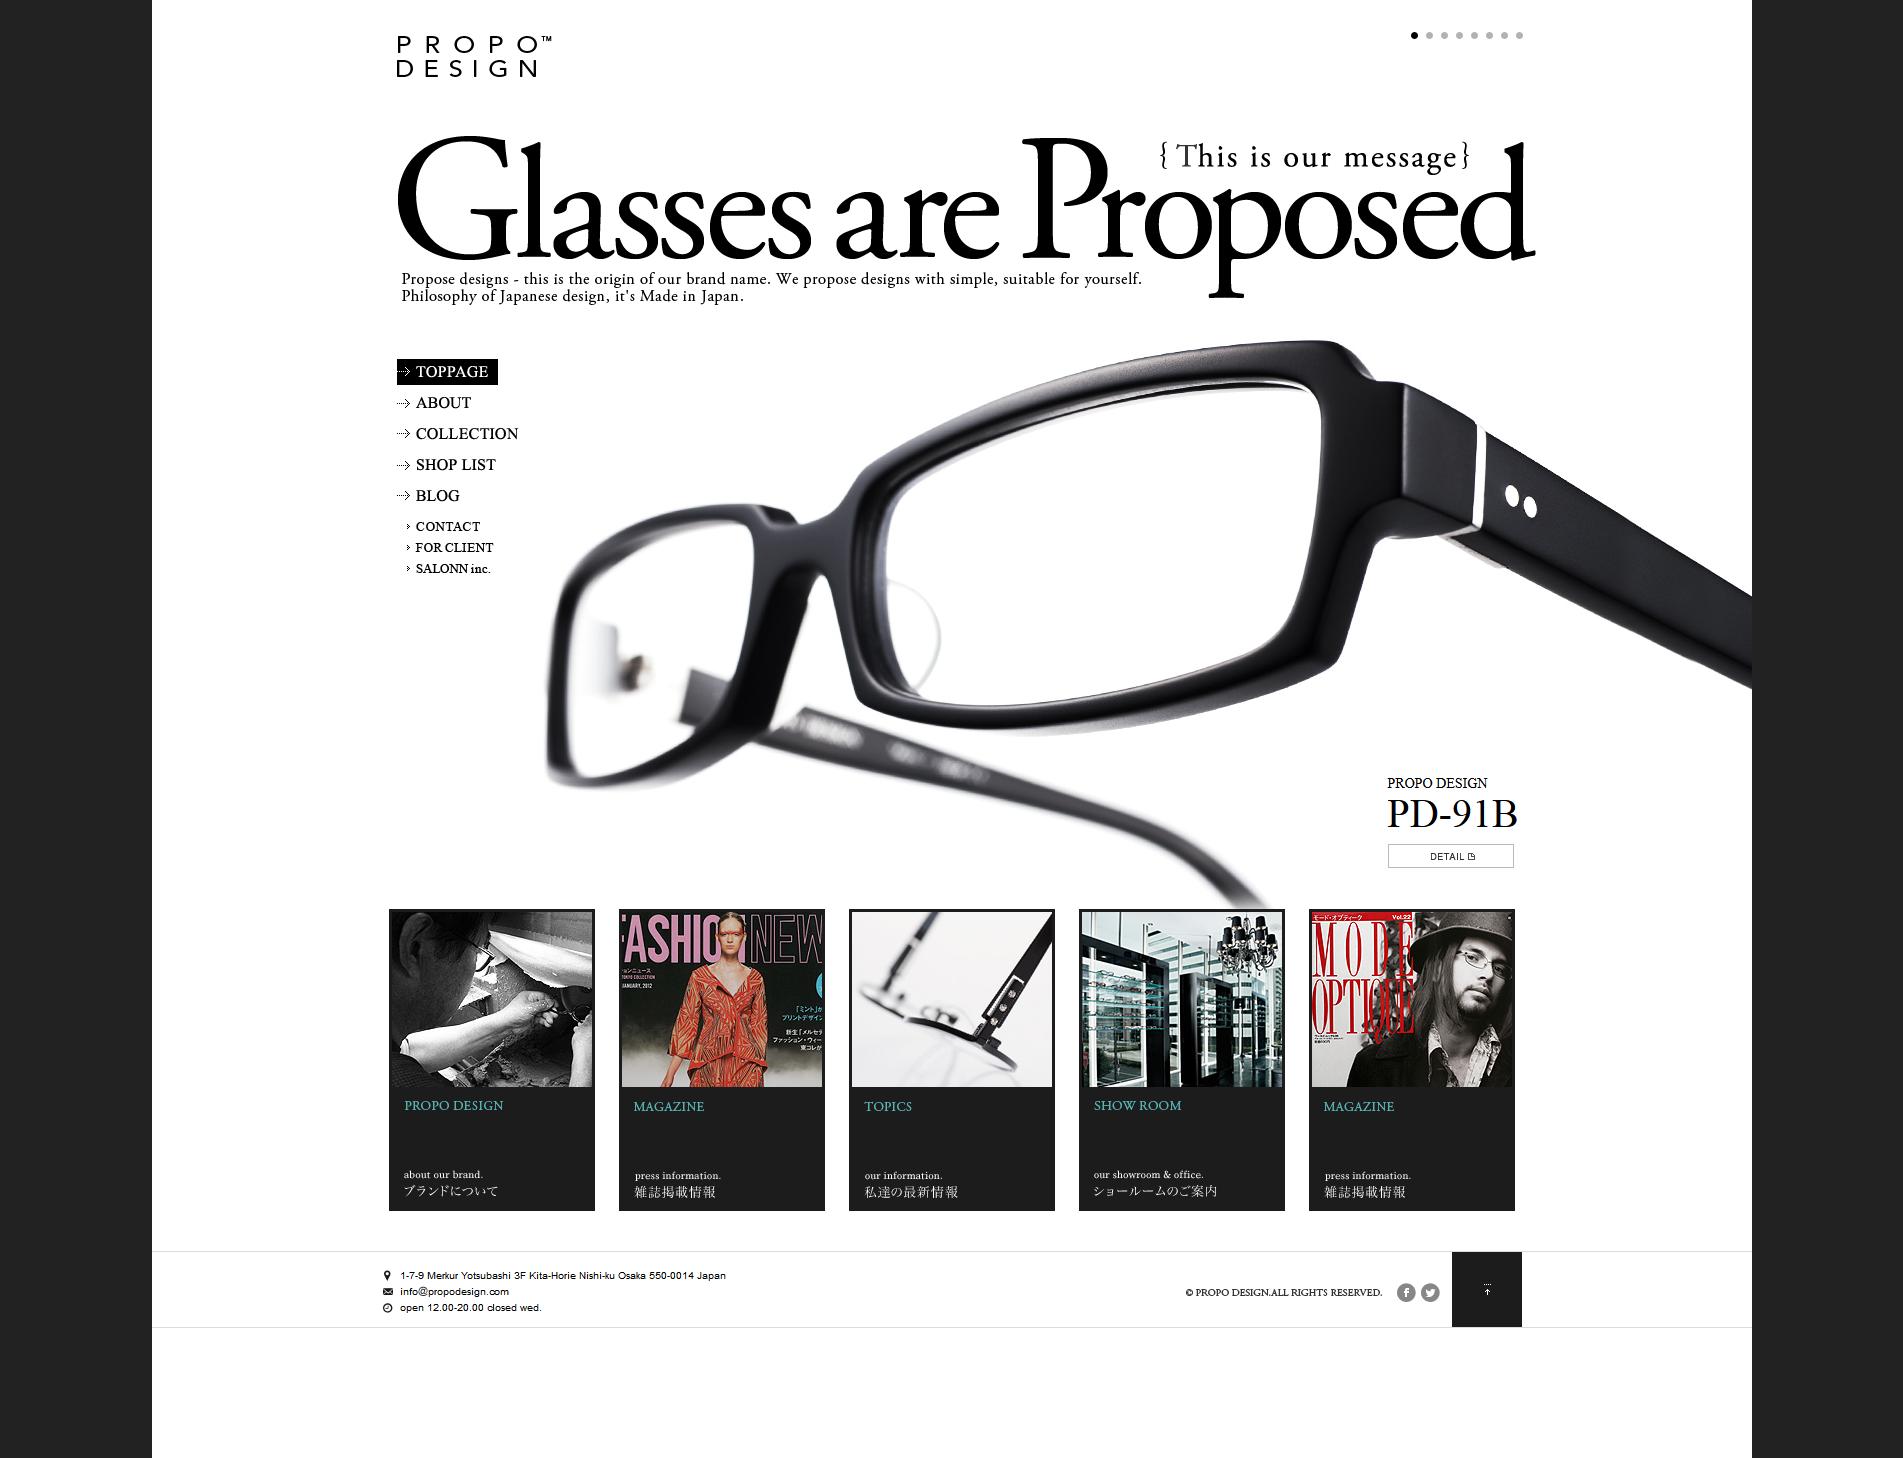 PROPO DESIGN : プロポデザイン|PROPO DESIGN (プロポデザイン)公式サイト。シンプルでシルエットを重視した「いきすぎないデザイン」の眼鏡を提供する、日本発のメガネブランド。製品紹介、大阪北堀江にあるショールームの紹介。|capture 2012.10.30